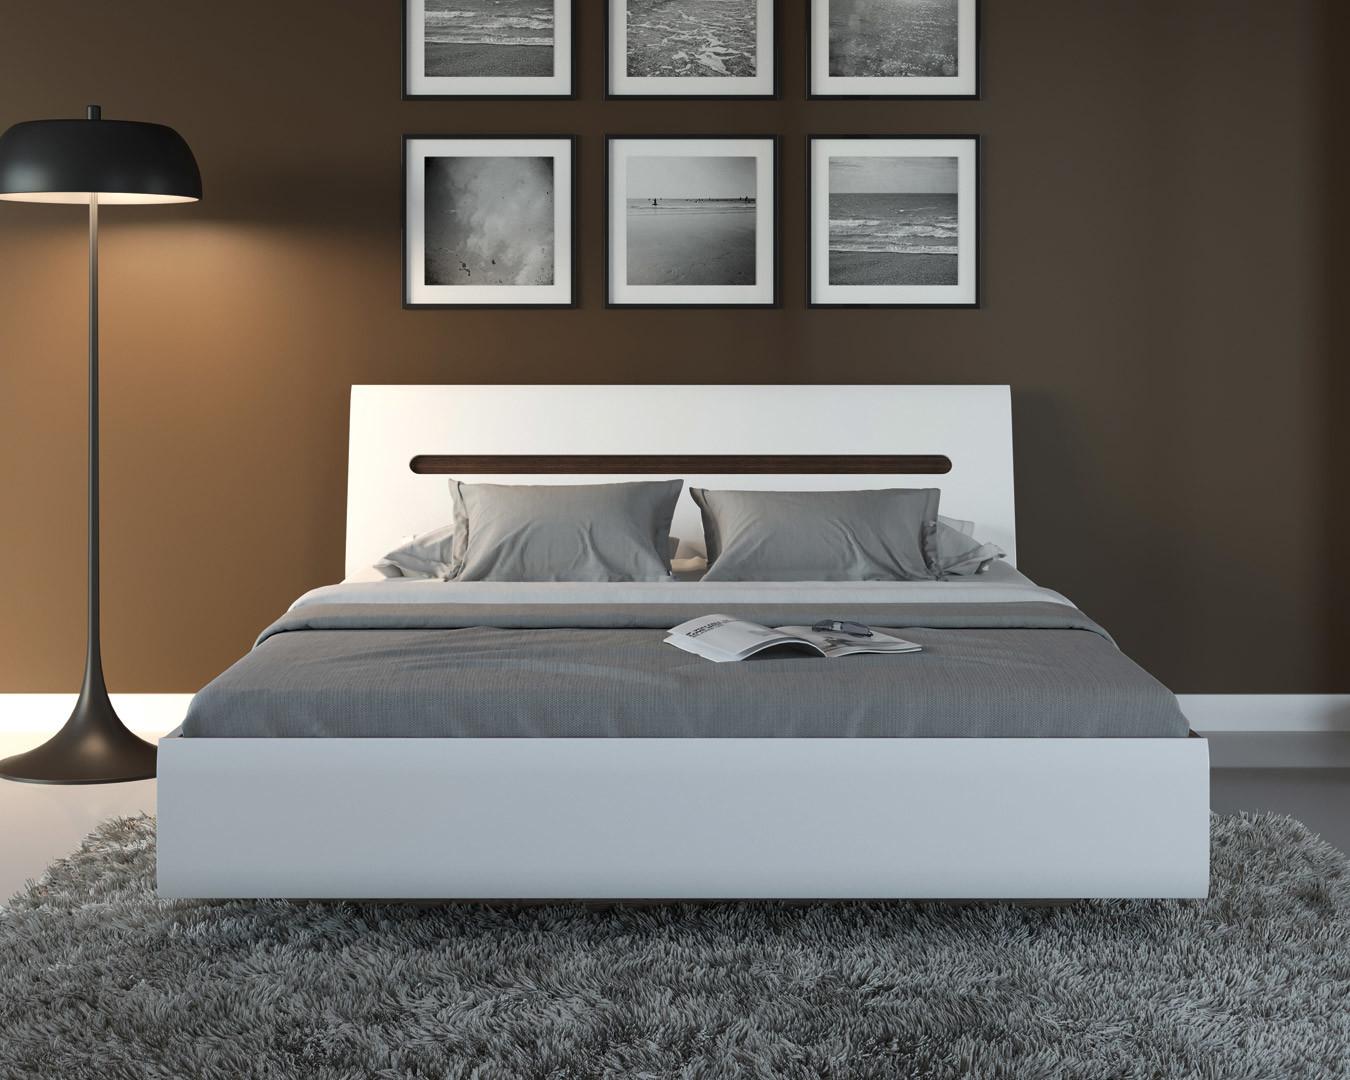 łóżko Dwuosobowe Białe Azteca 160x200 Black Red Wh